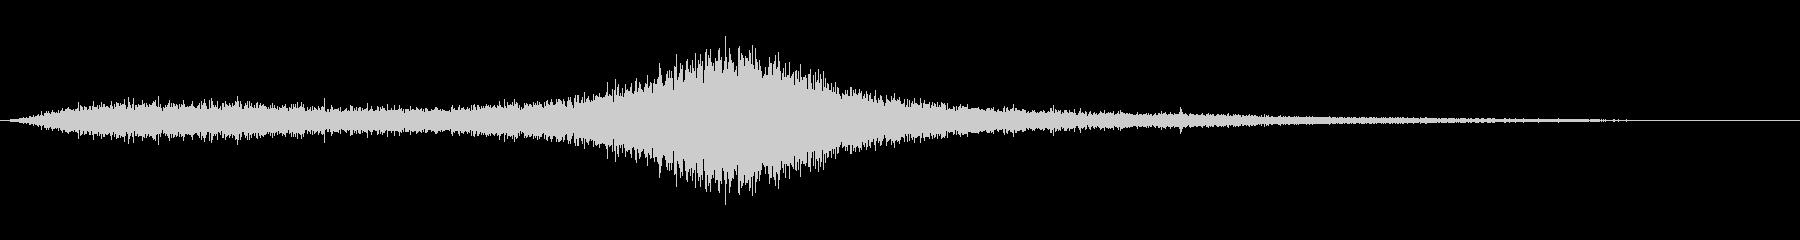 【生録音】 早朝の街 交通 環境音 21の未再生の波形